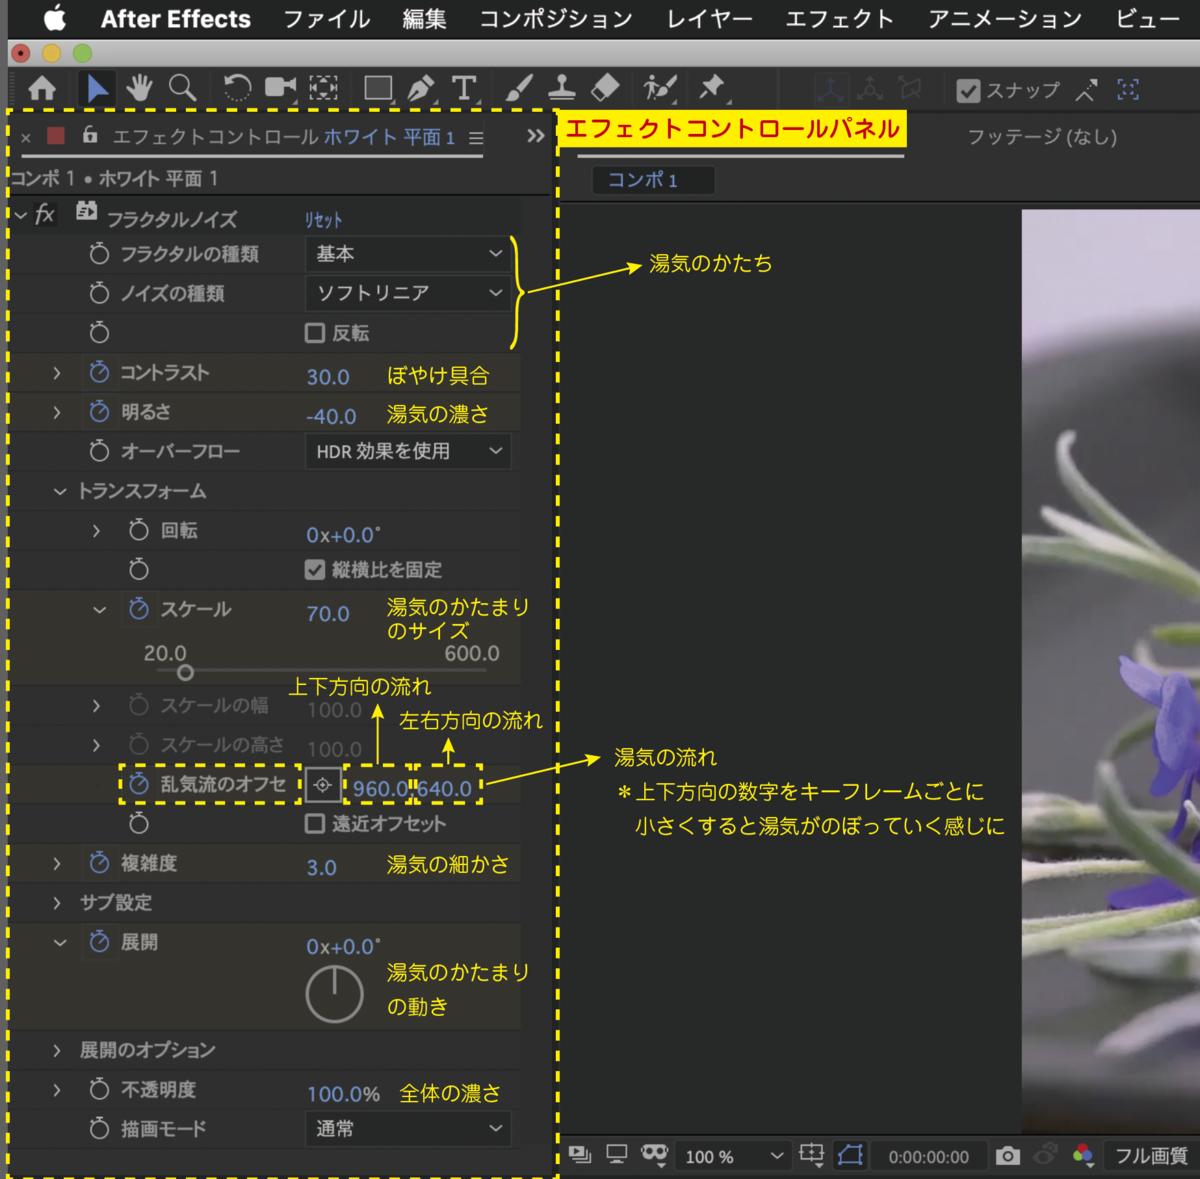 f:id:Hamakichi:20200517121850p:plain